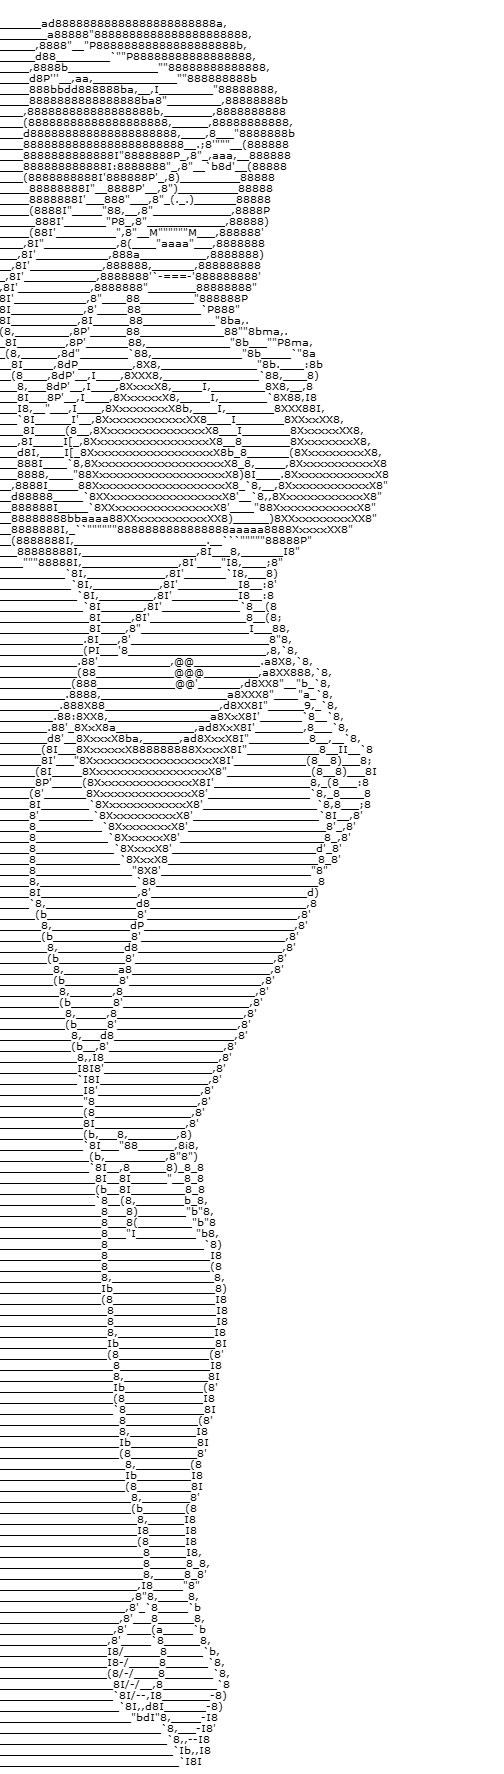 Ejemplos de dibujos y figuras del arte ASCII para usar en Facebook